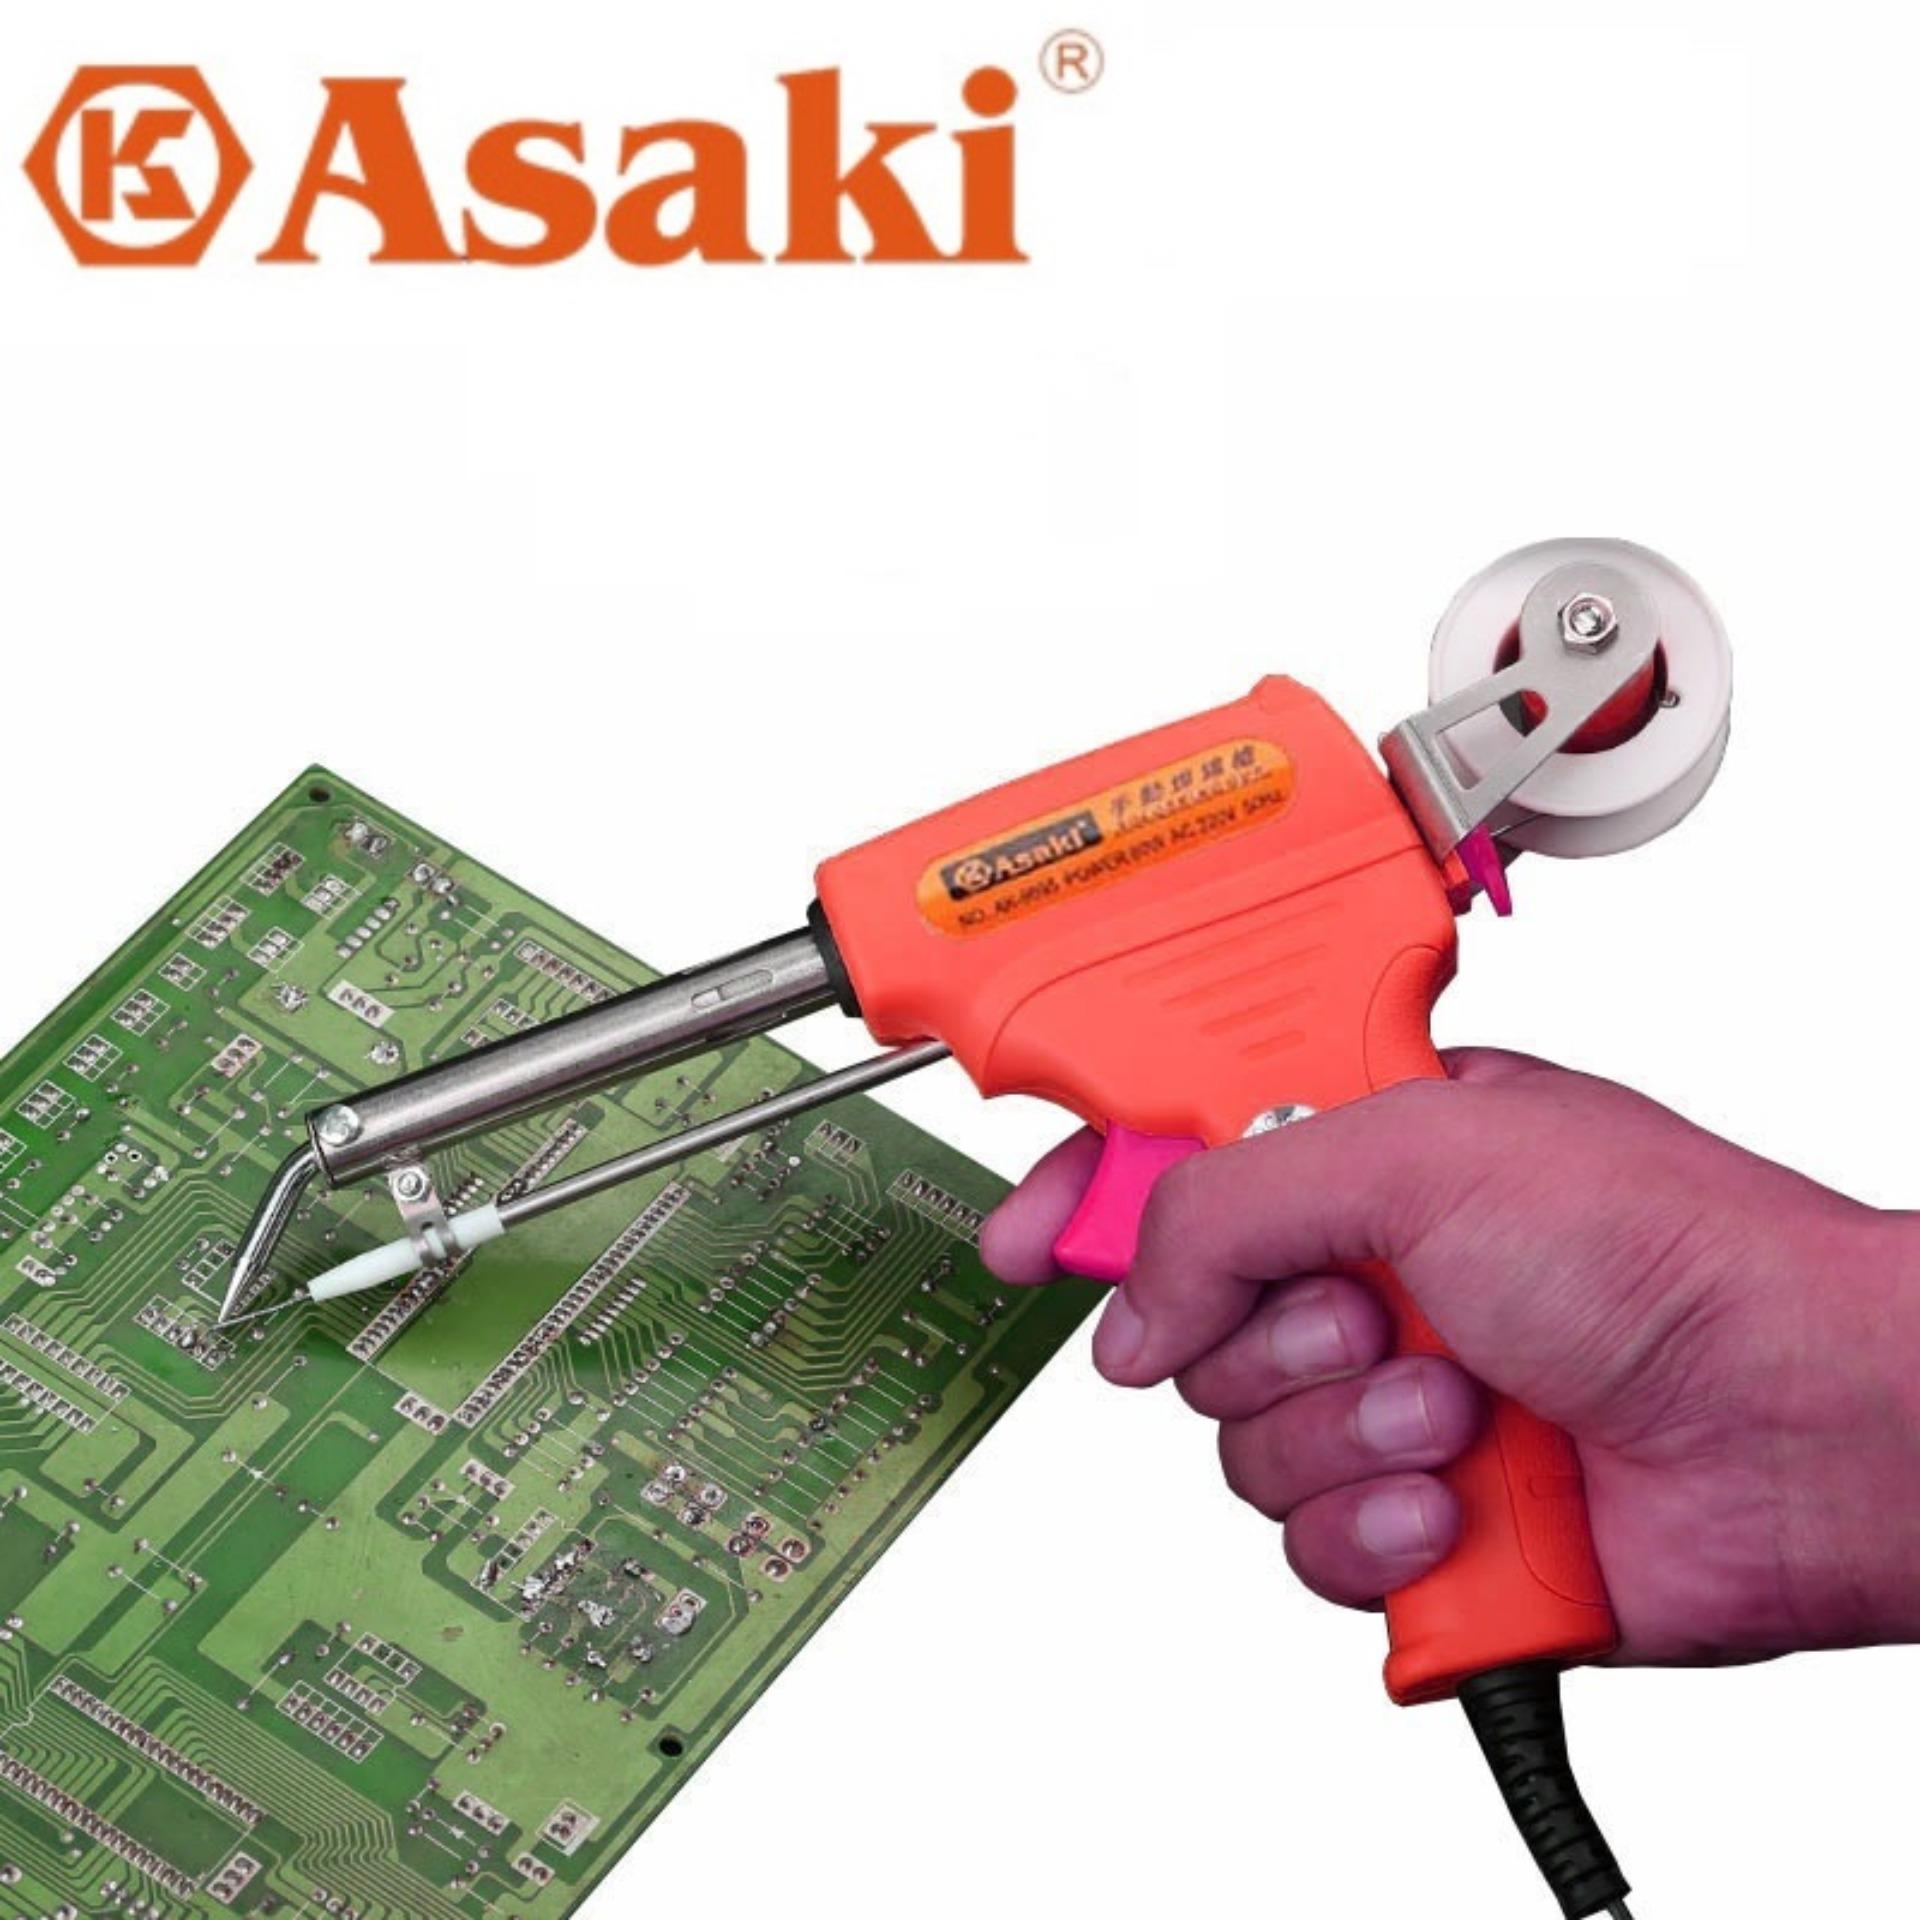 Dụng cụ hàn linh kiện điện tử 60W -Tặng cuộn thiếc hàn - Phụ kiện Sửa chữa máy hàn điện tử